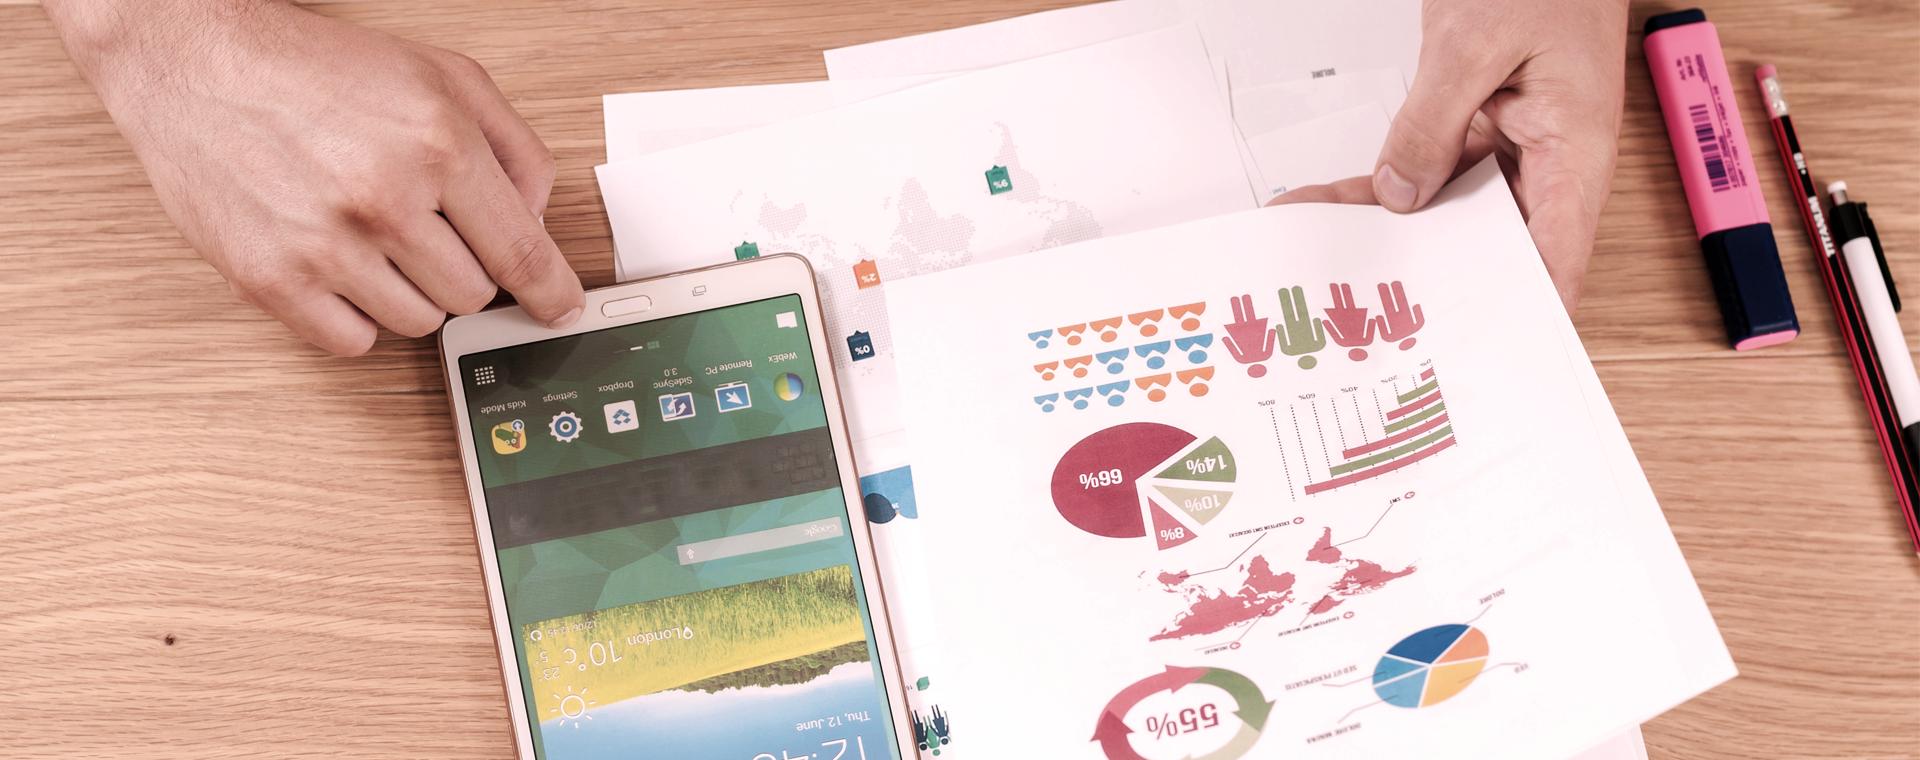 BPMN: una mappa per non perdersi nella trasformazione digitale